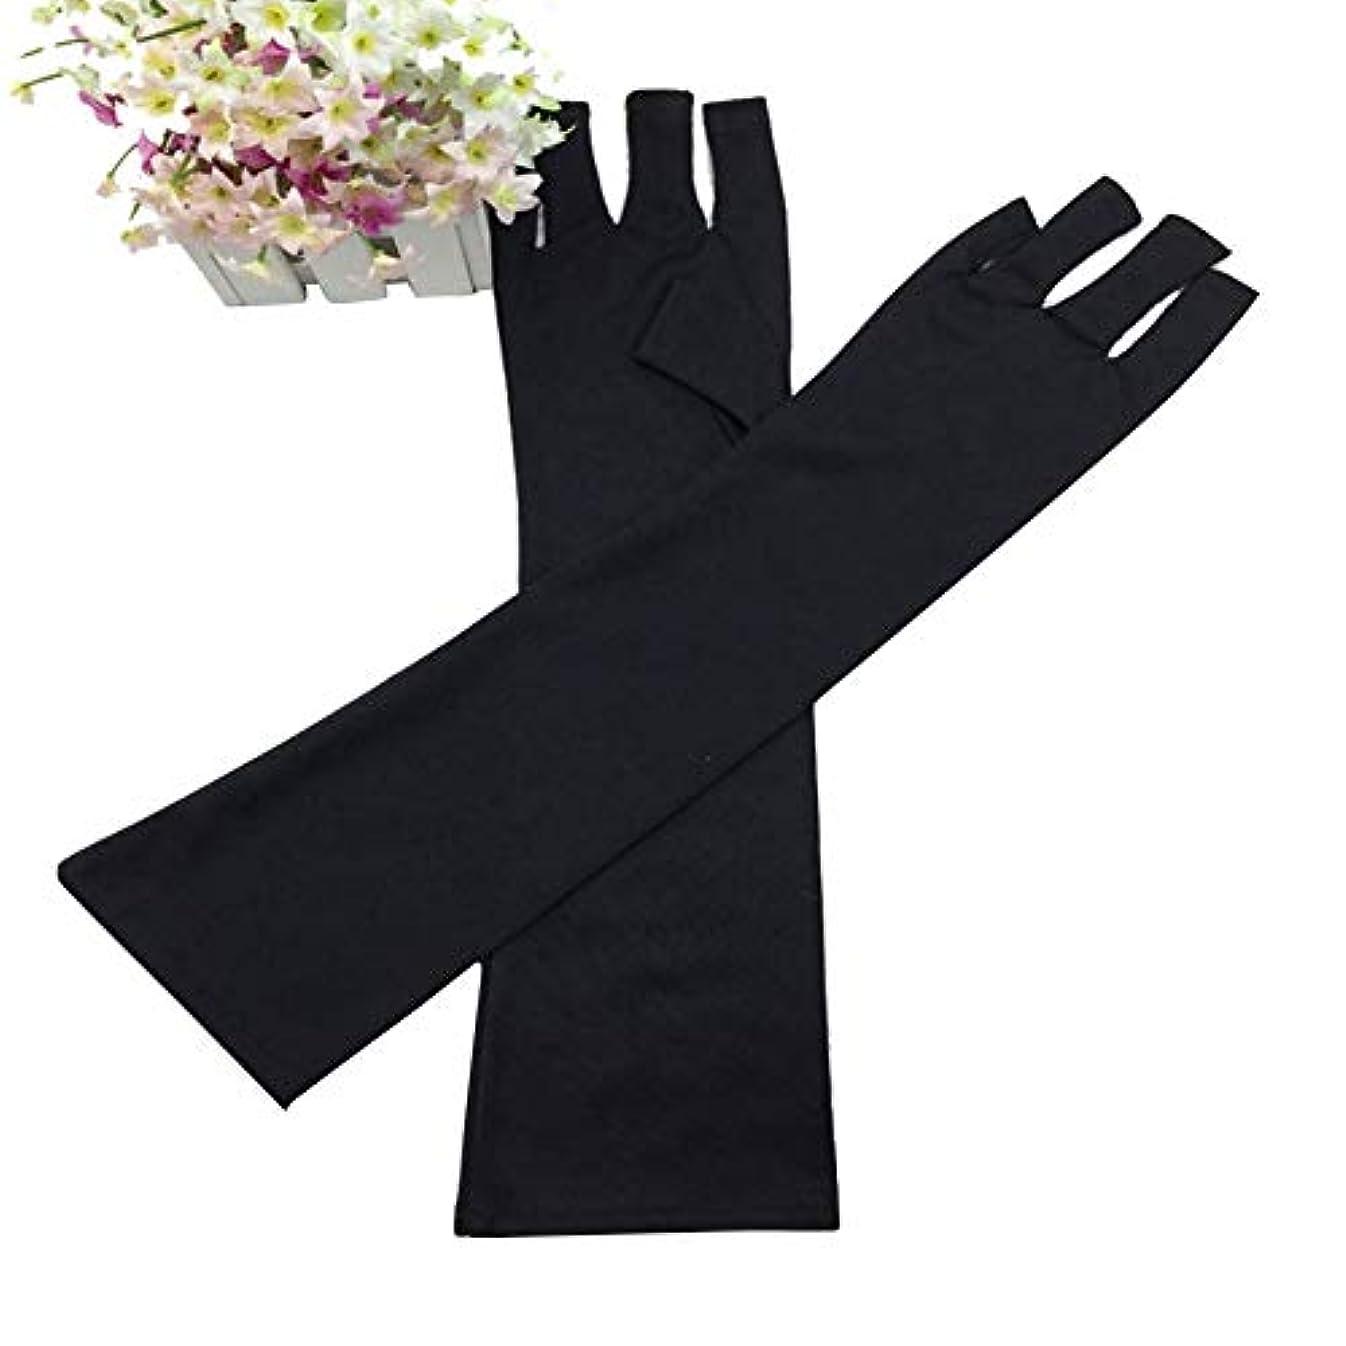 是正するとげ秋slQinjiansavネイルアート&ツール手袋UV光ランプ放射線保護手袋ハンドレストマニキュアネイルアートツール - ブラック